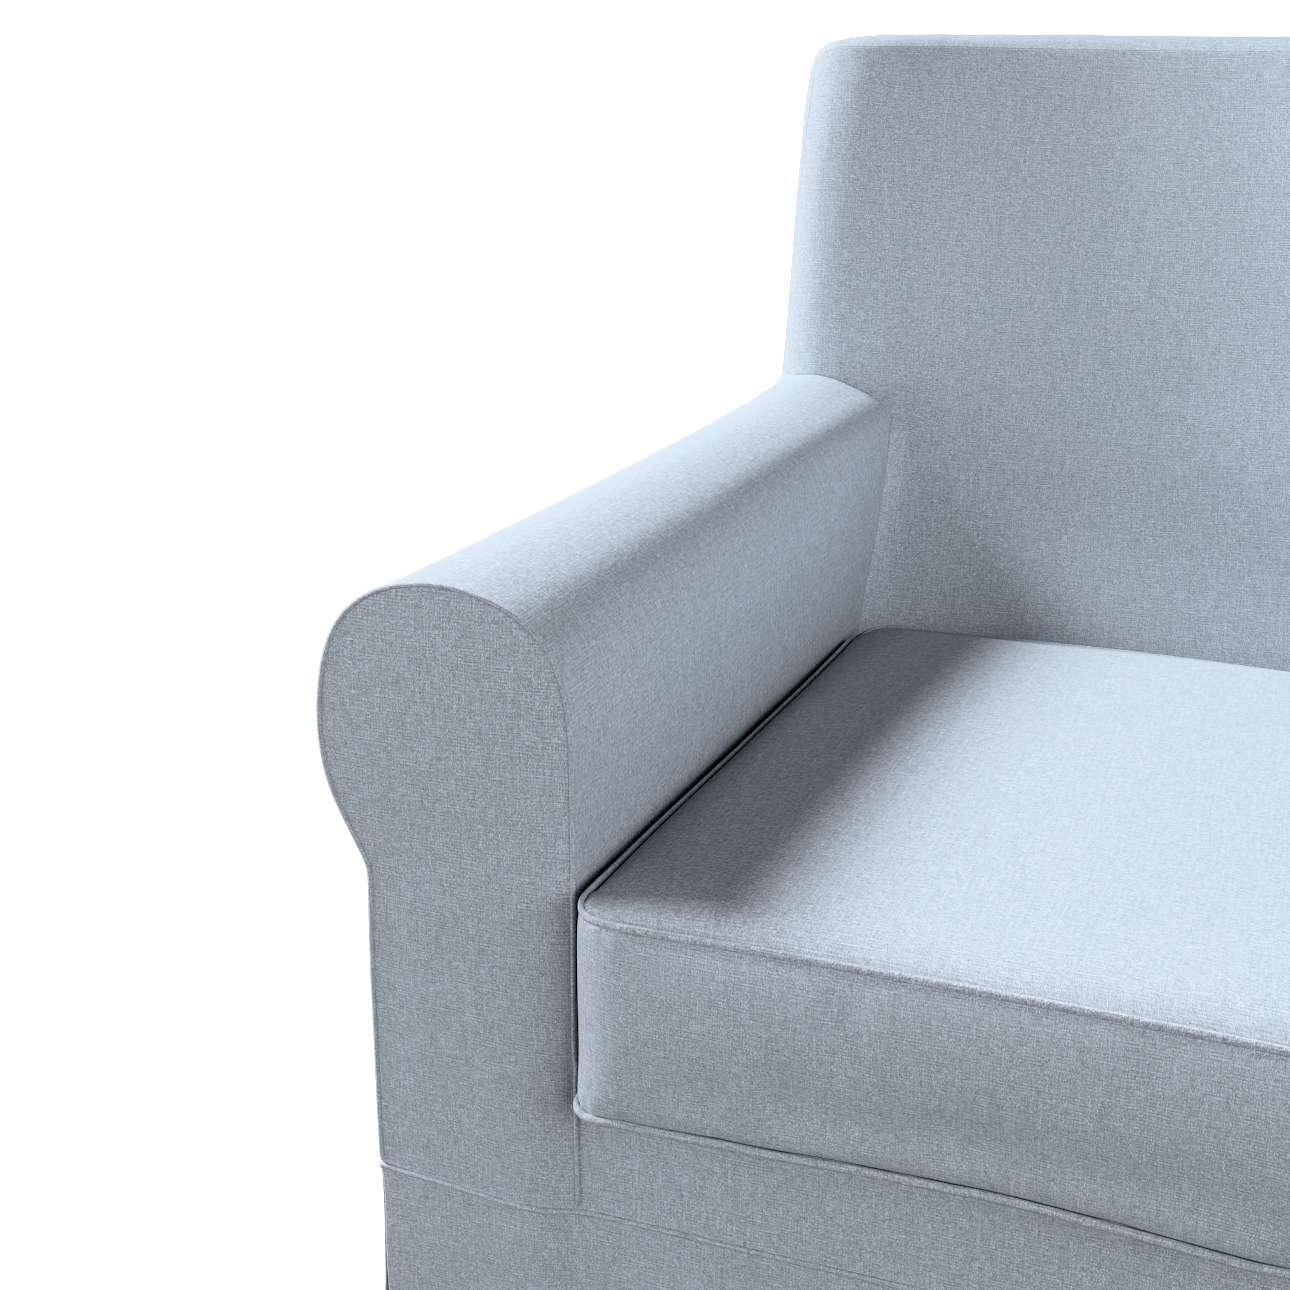 Pokrowiec na fotel Ektorp Jennylund w kolekcji Amsterdam, tkanina: 704-46